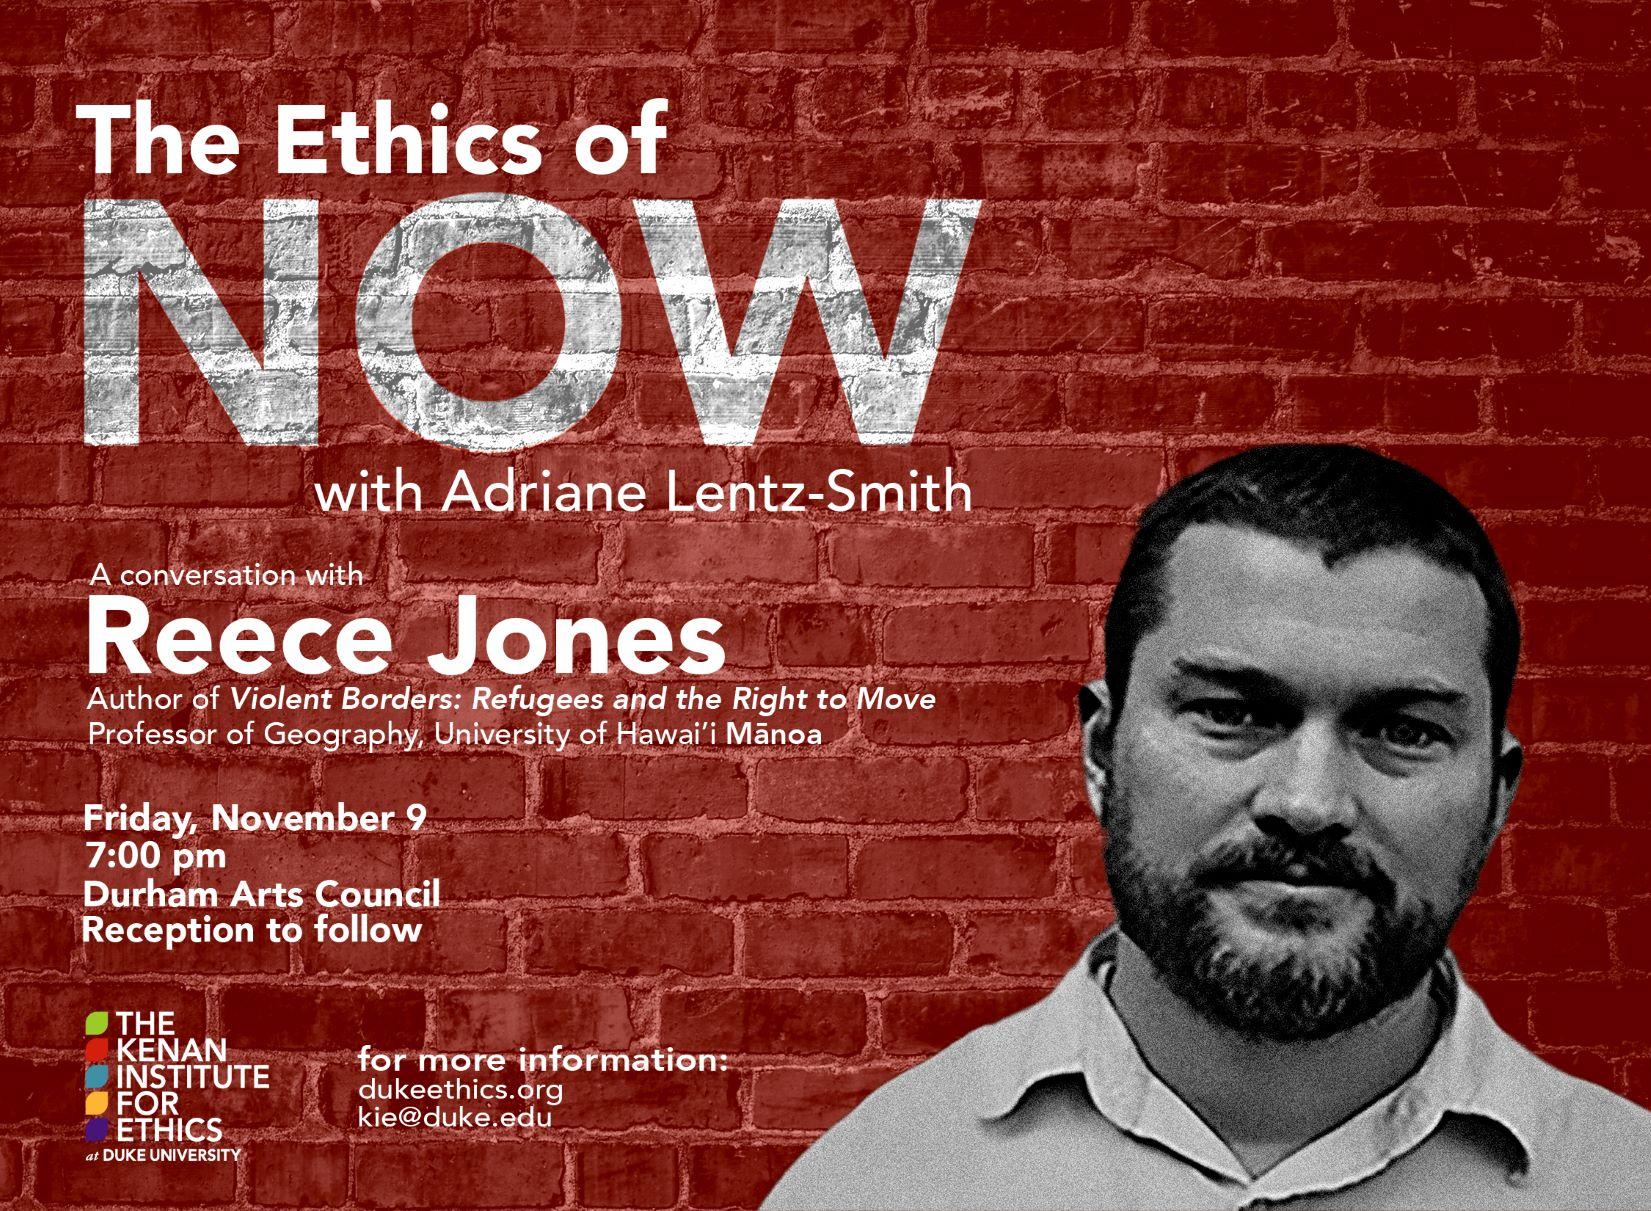 ethics of now Reece Jones